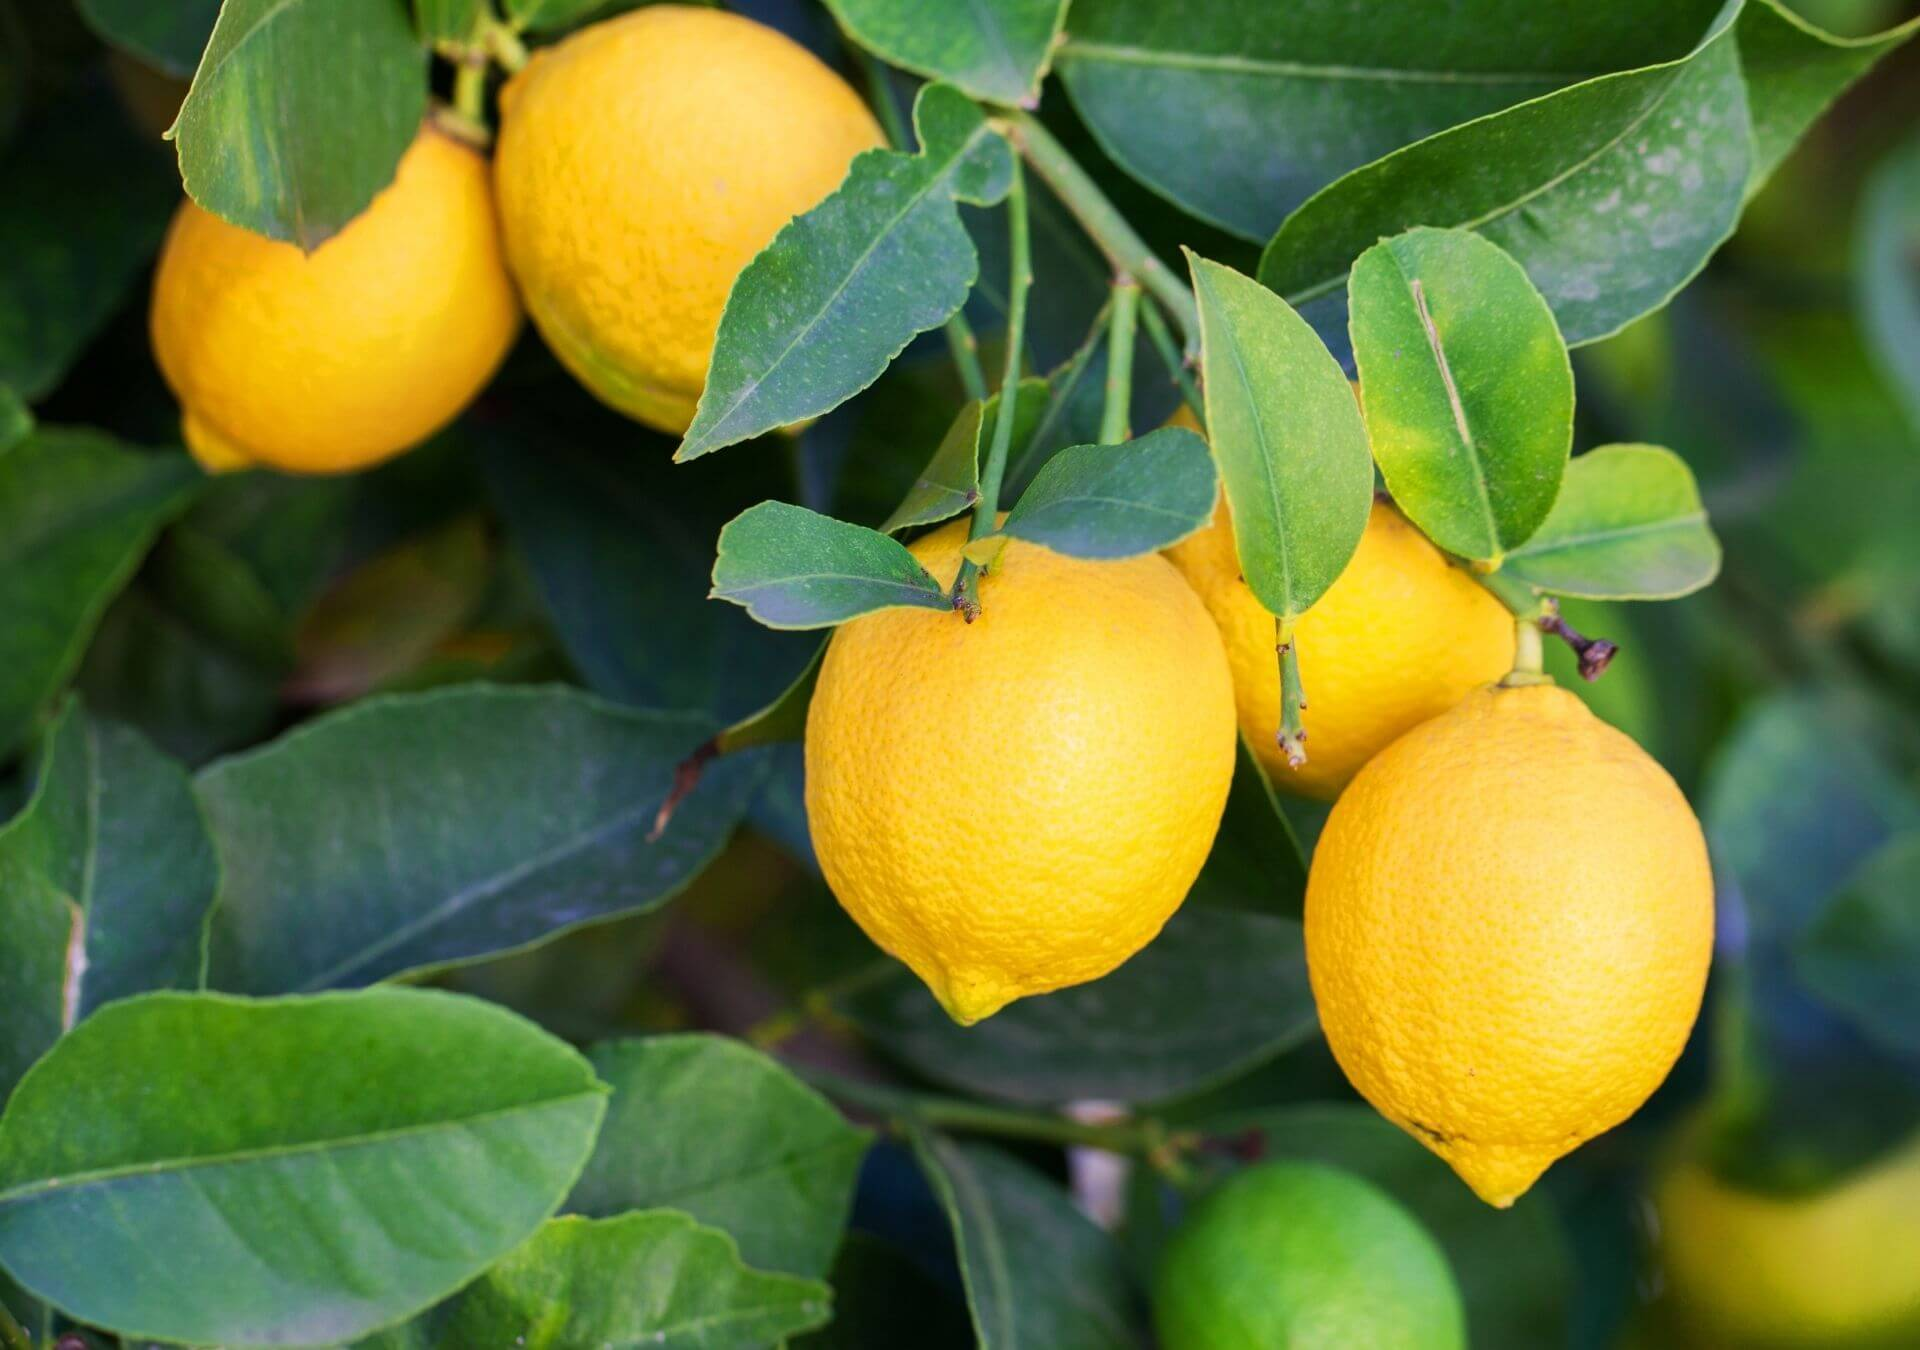 Lemons growing in a tree